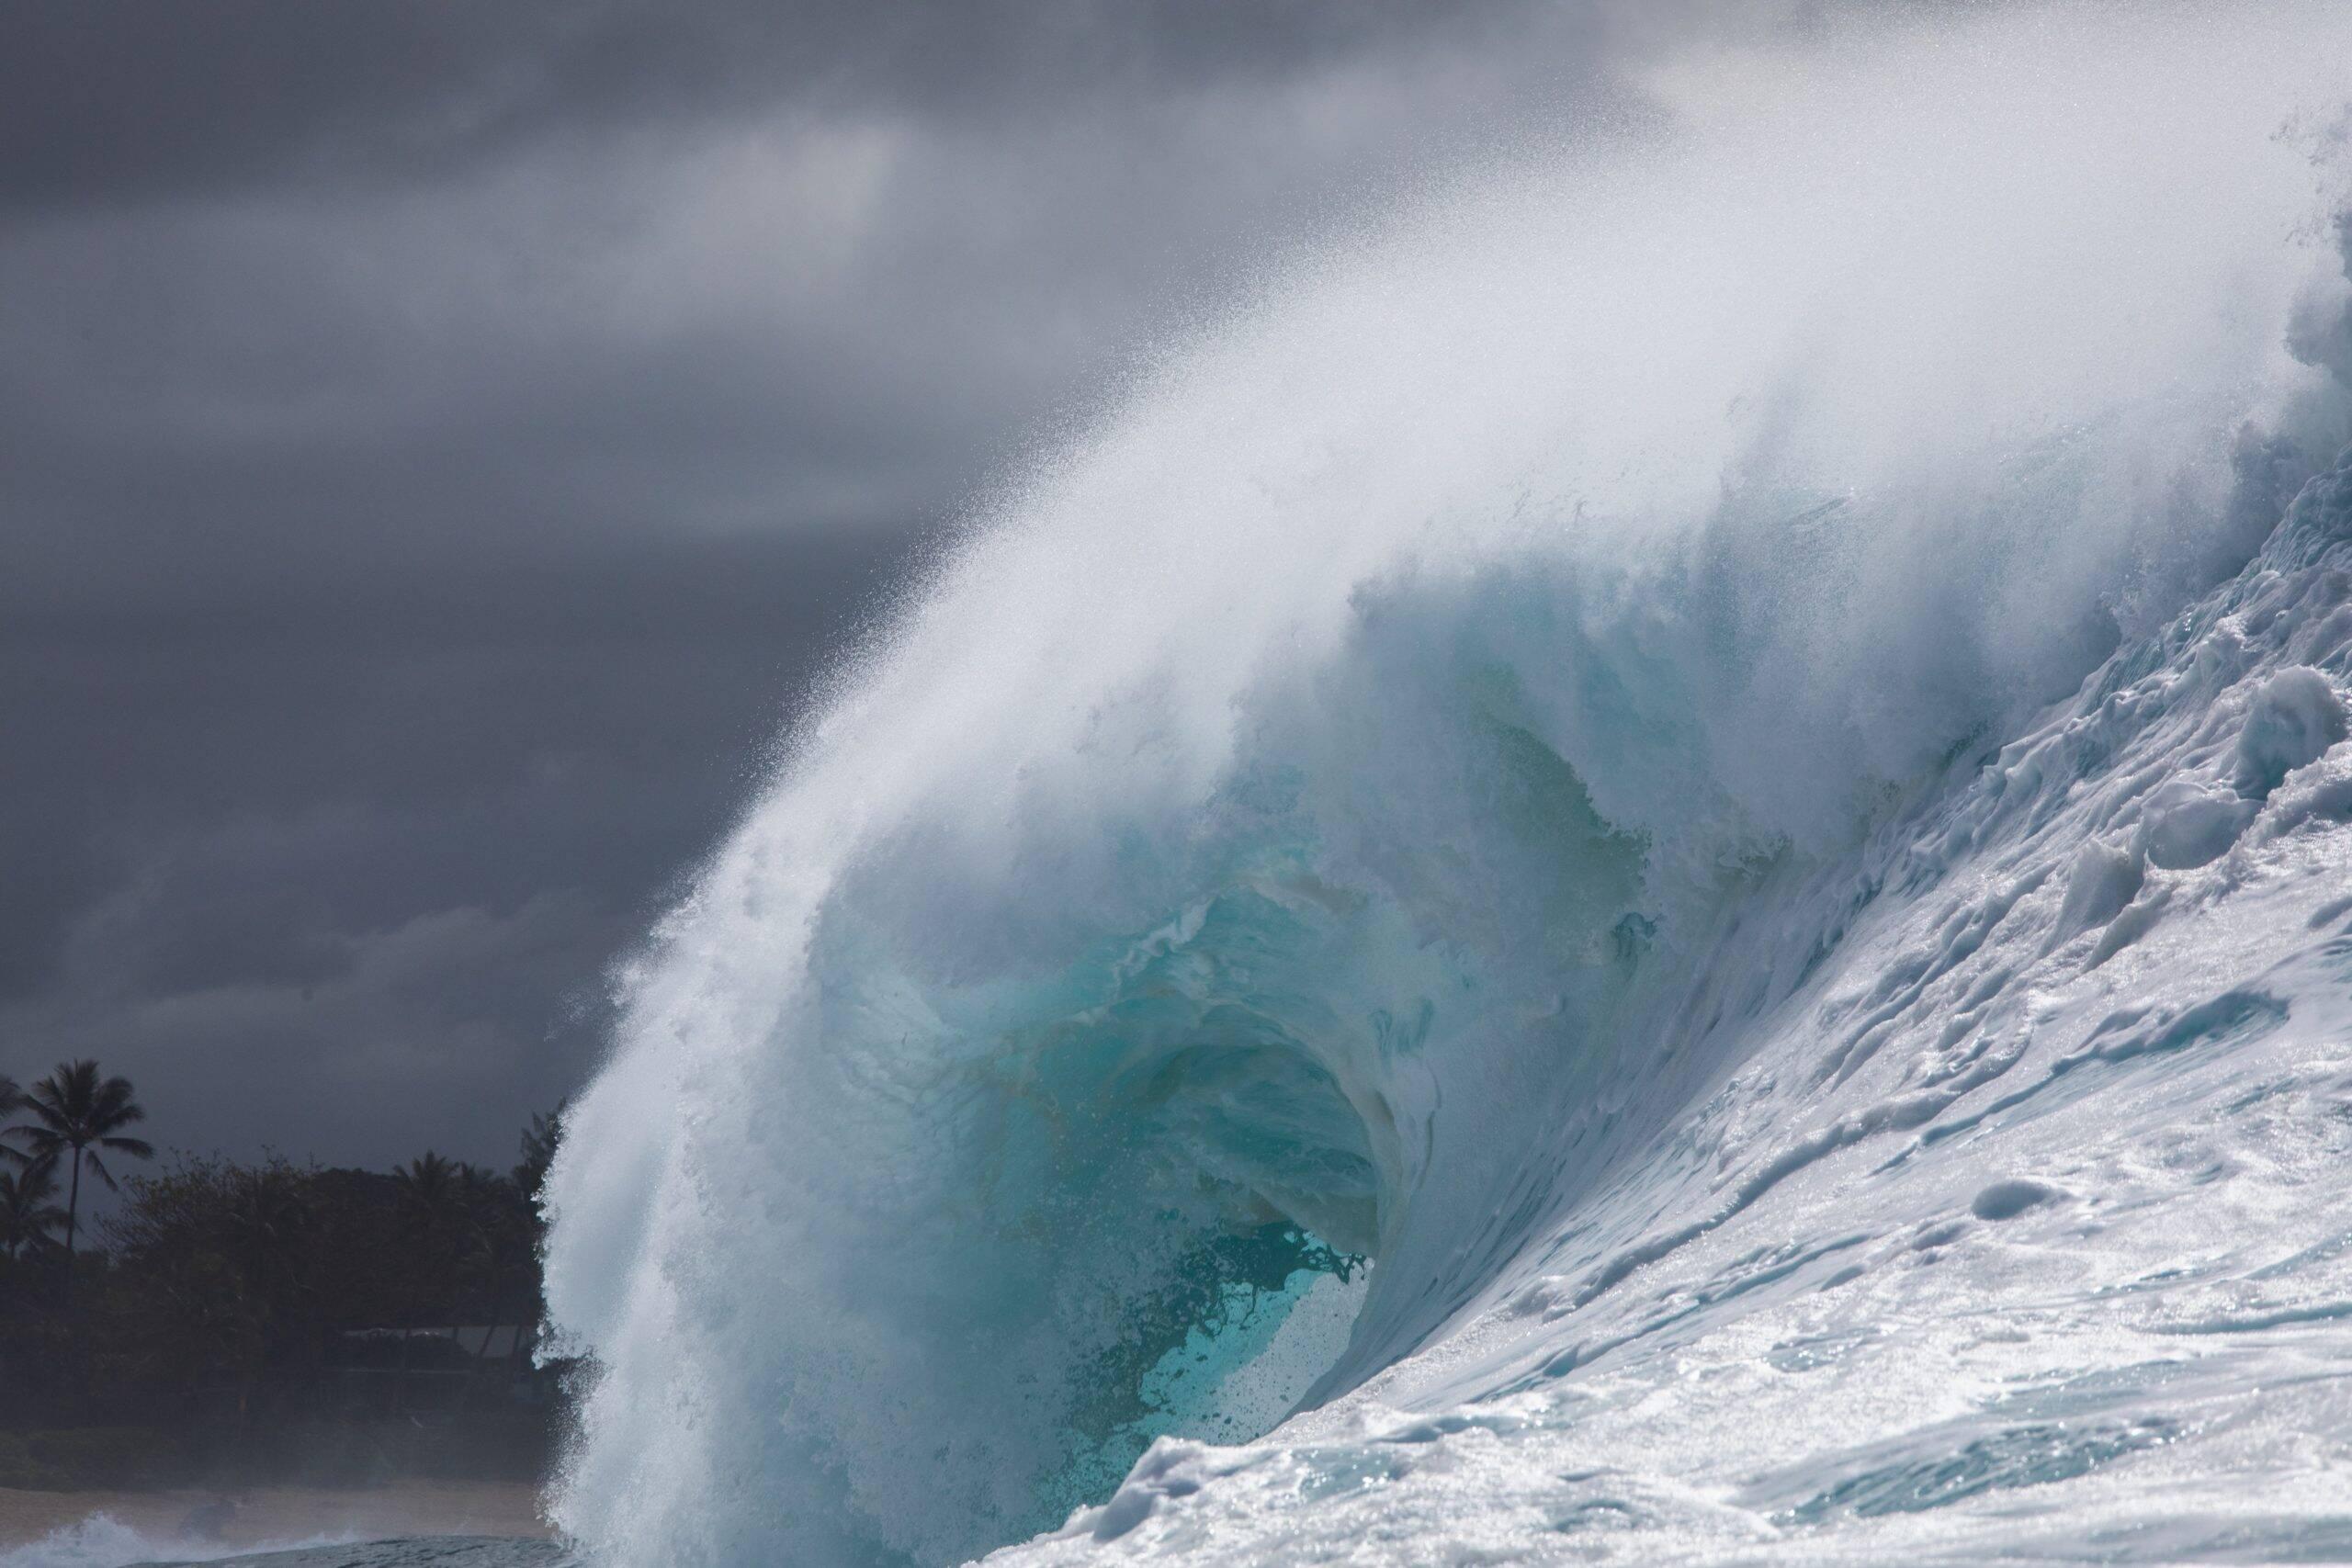 Uma das maiores tragédias causadas por Tsunami aconteceu na Indonésia, no ano de 2004. (Foto: Unsplash)